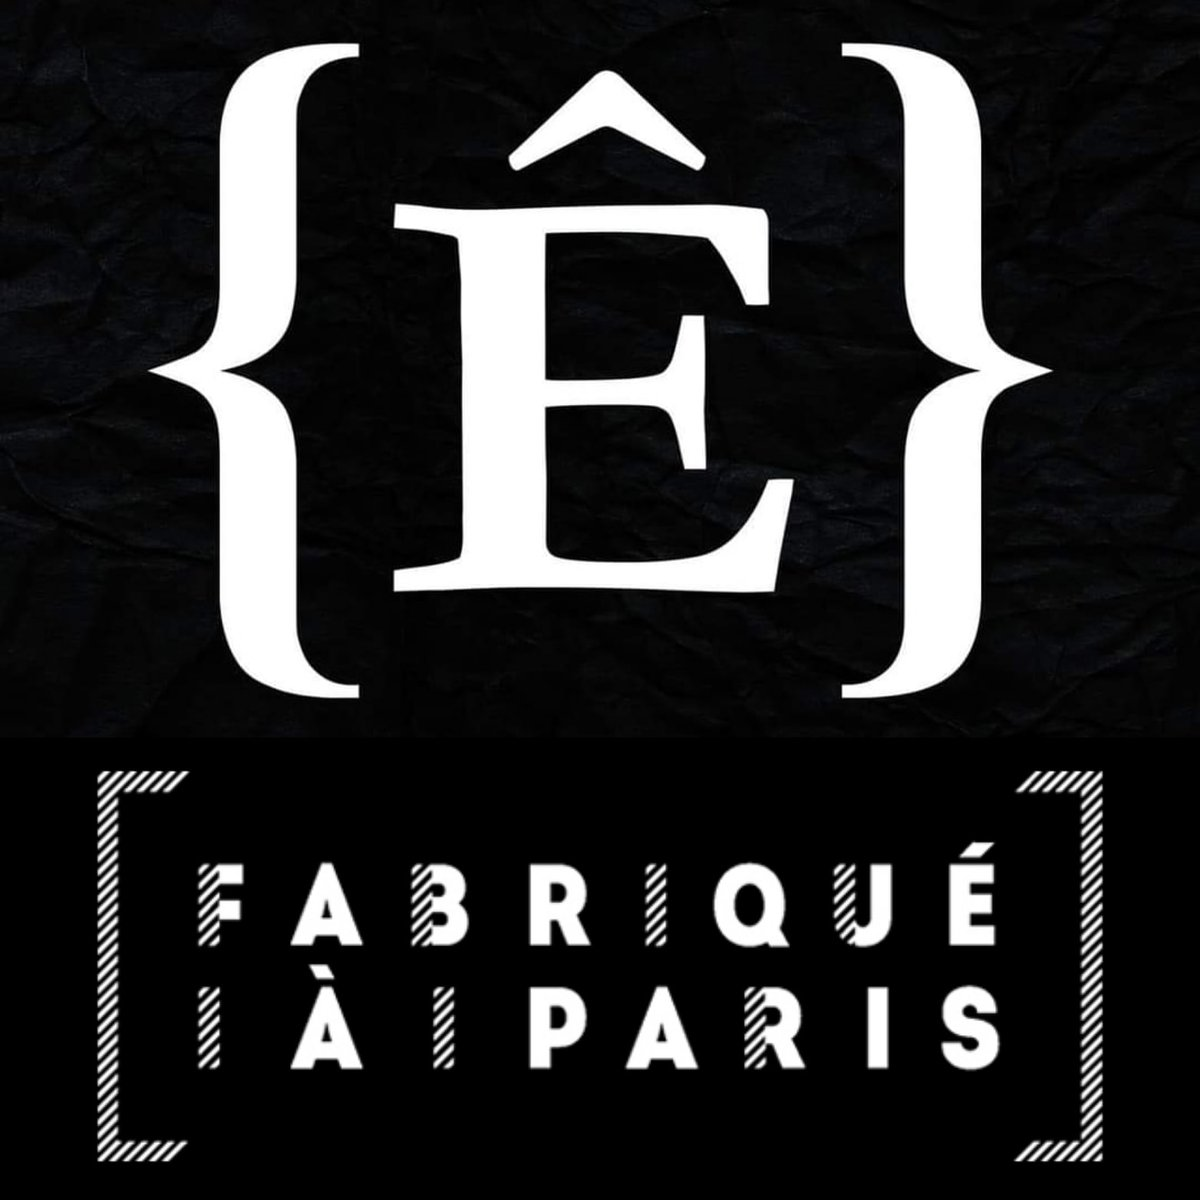 Pour la quatrième année consécutive, nous sommes heureux et fiers d'obtenir le label [Fabriqué à Paris]. Santé !! 🍻🍻🍻